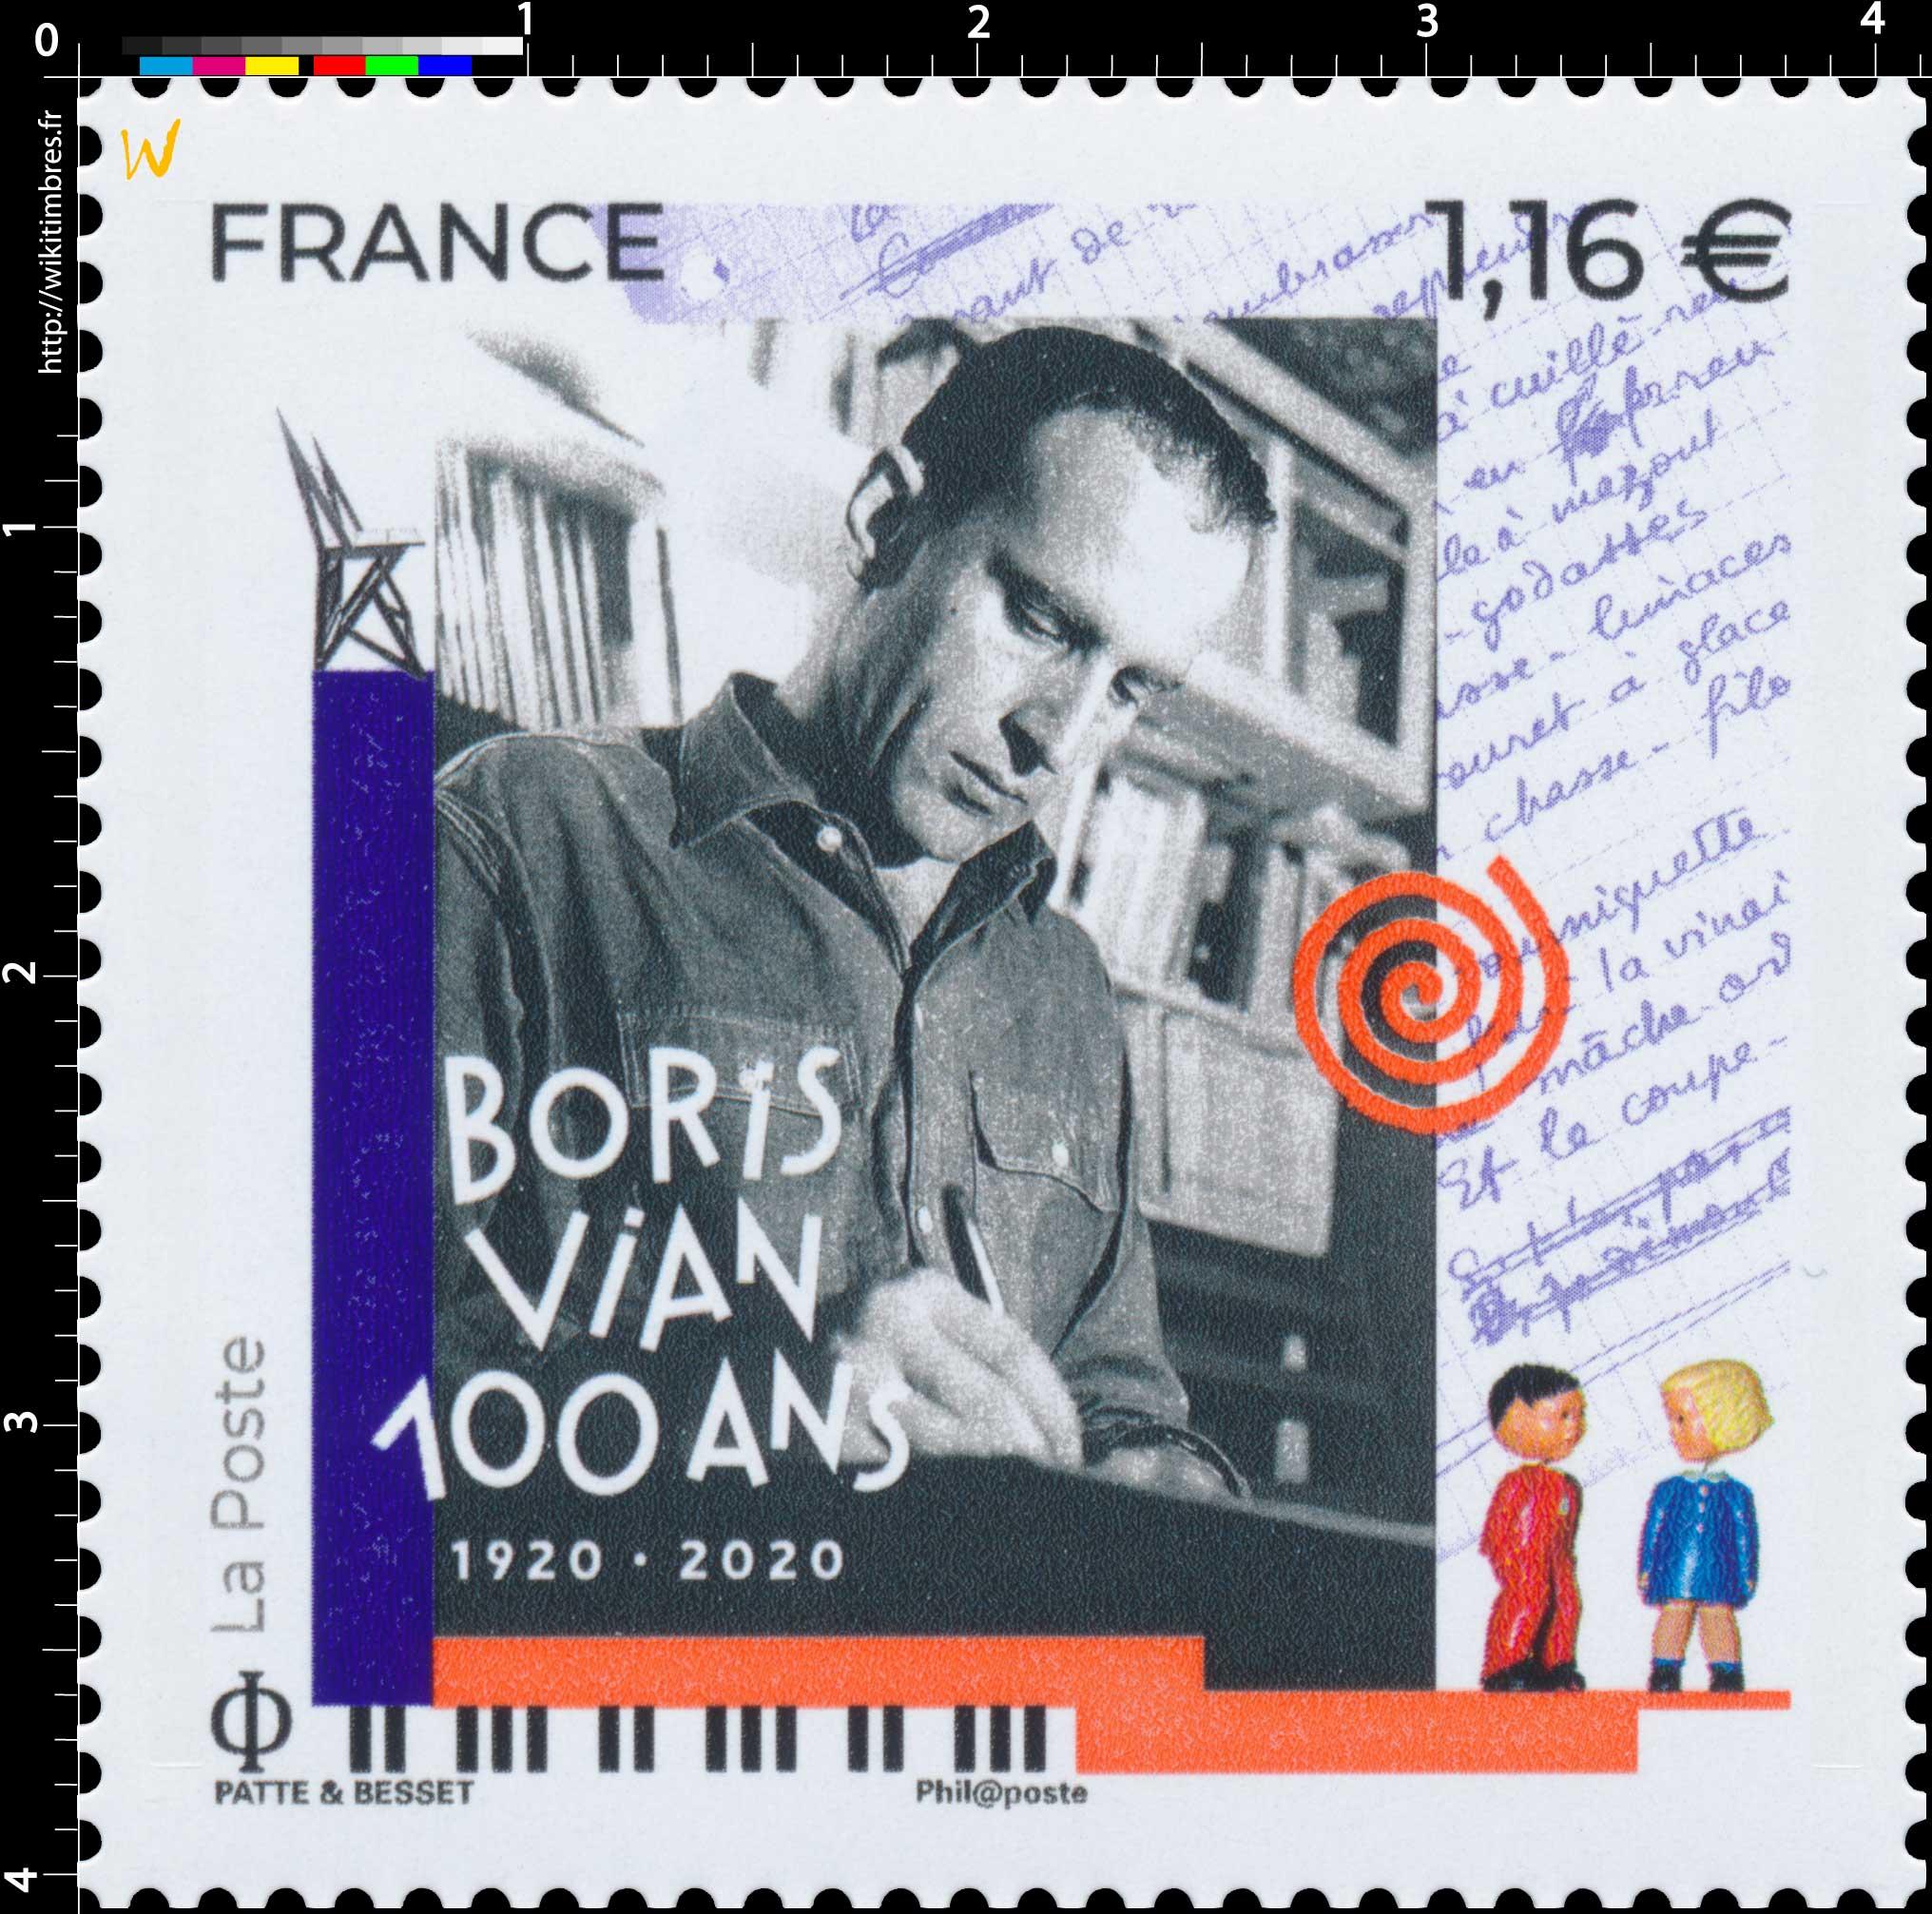 BORIS VIAN 100 ANS 1920 - 2020